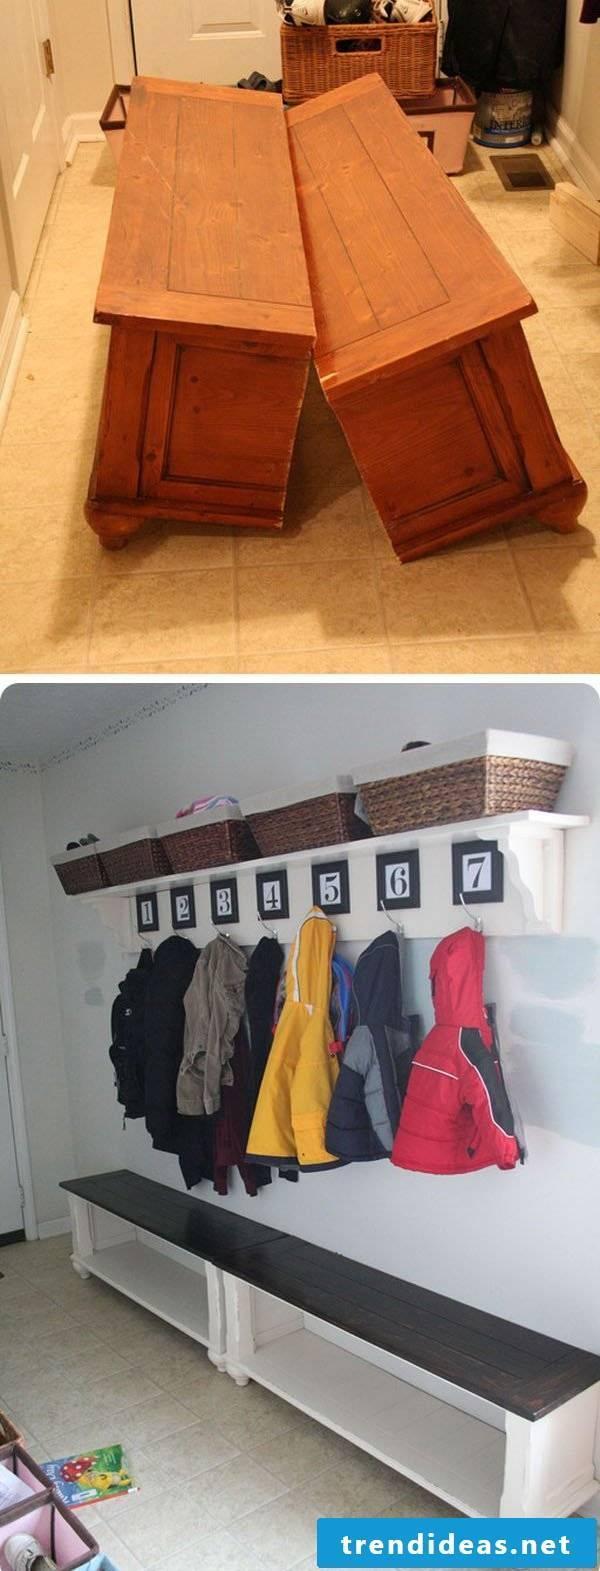 DIY ideas for the corridor